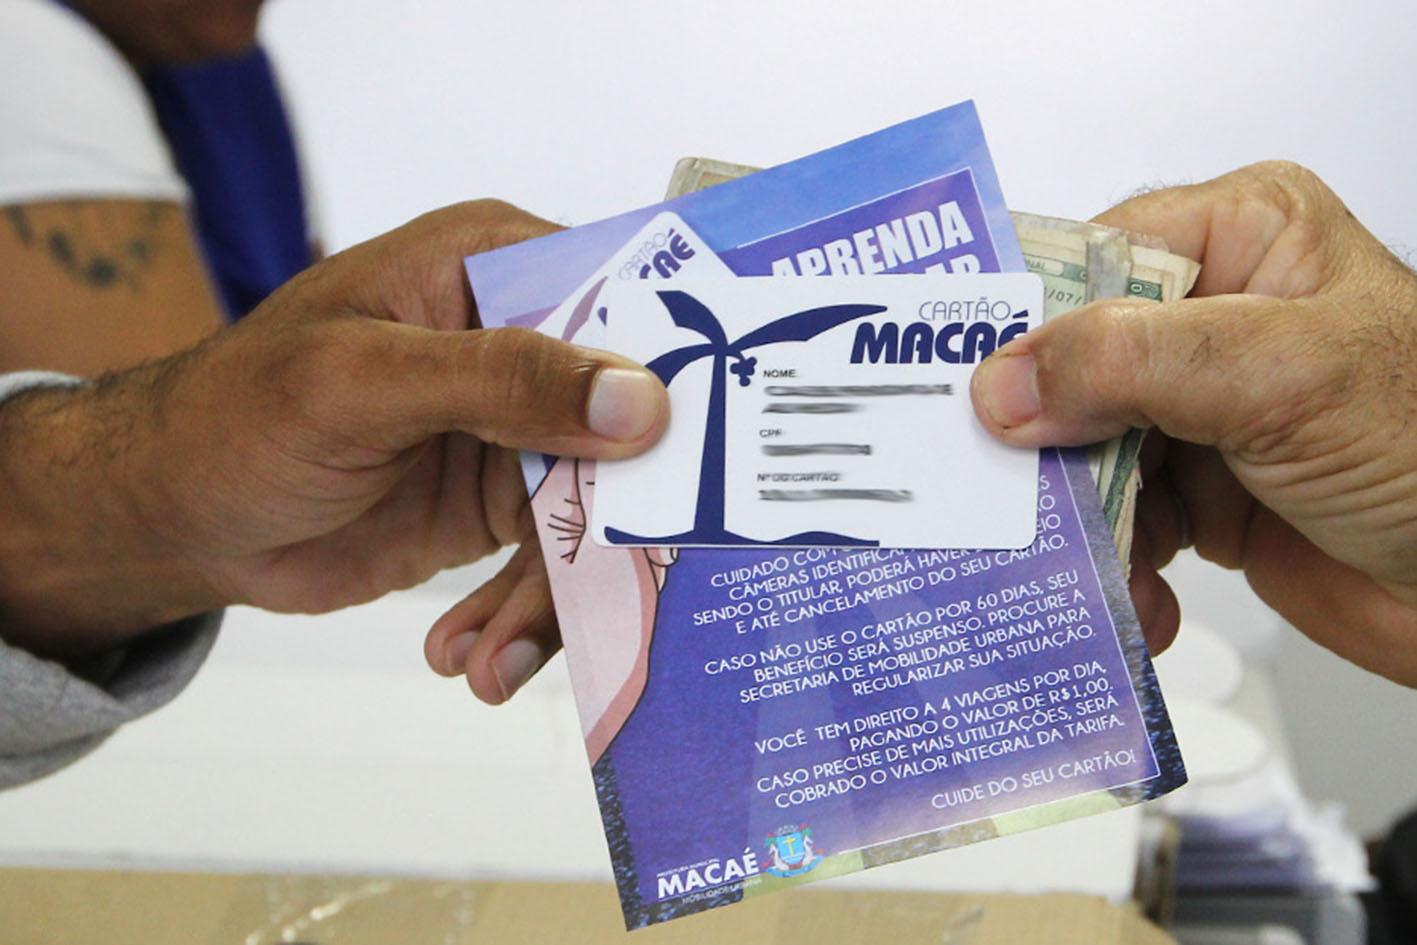 A prefeitura garante este benefício a quem mora em Macaé